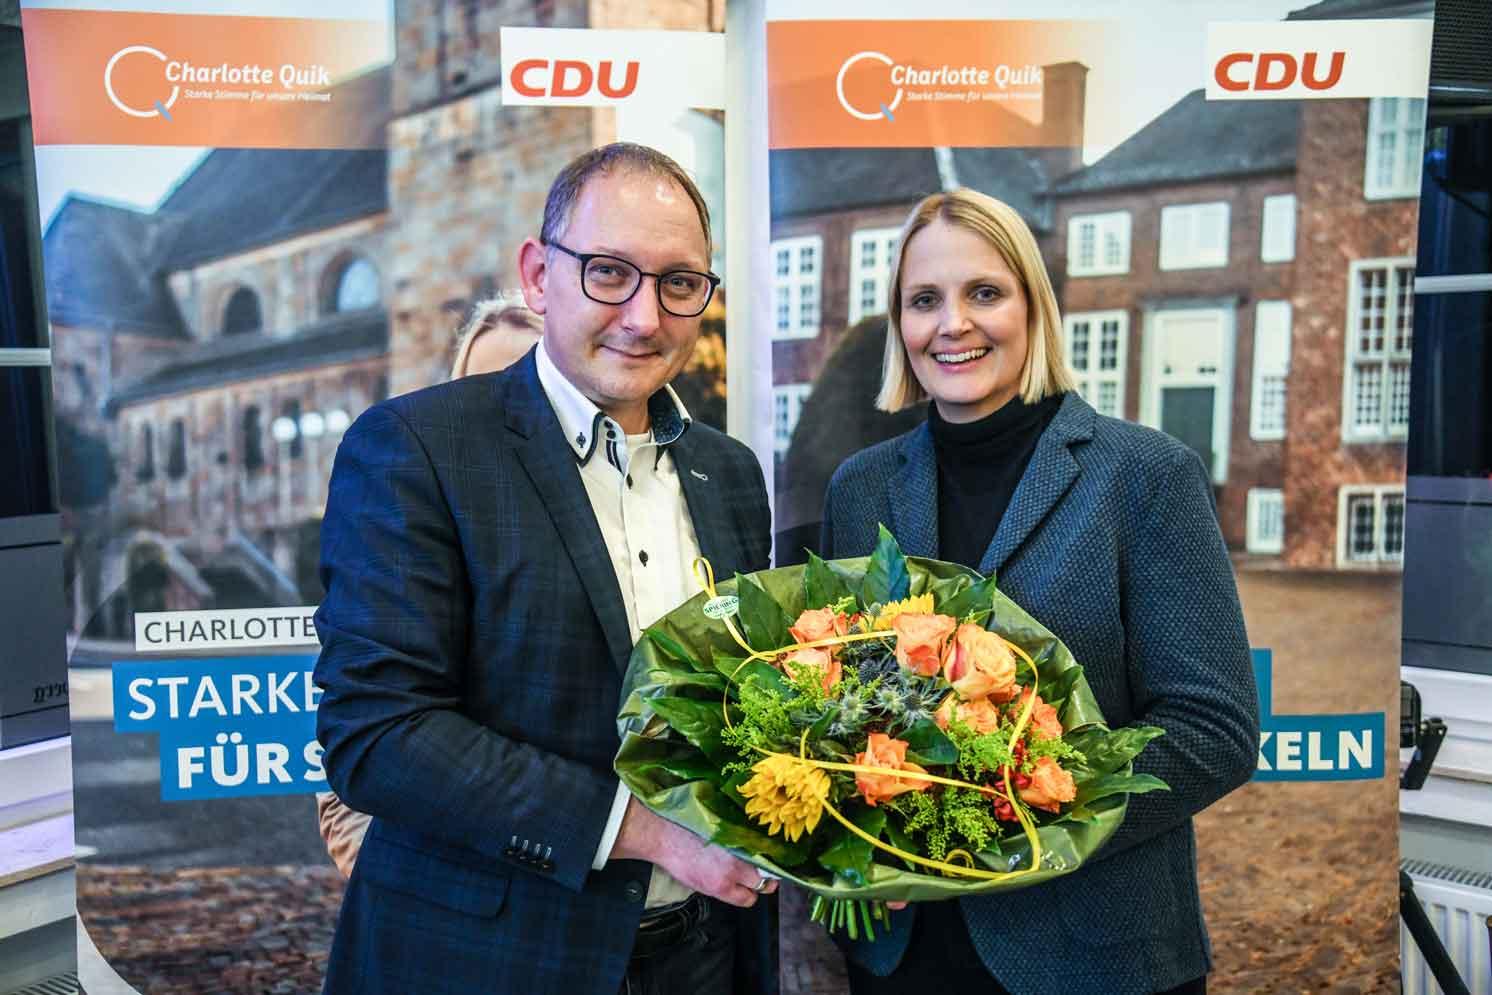 Wahlkreiskandidatin-CDU-Charlotte-Quik